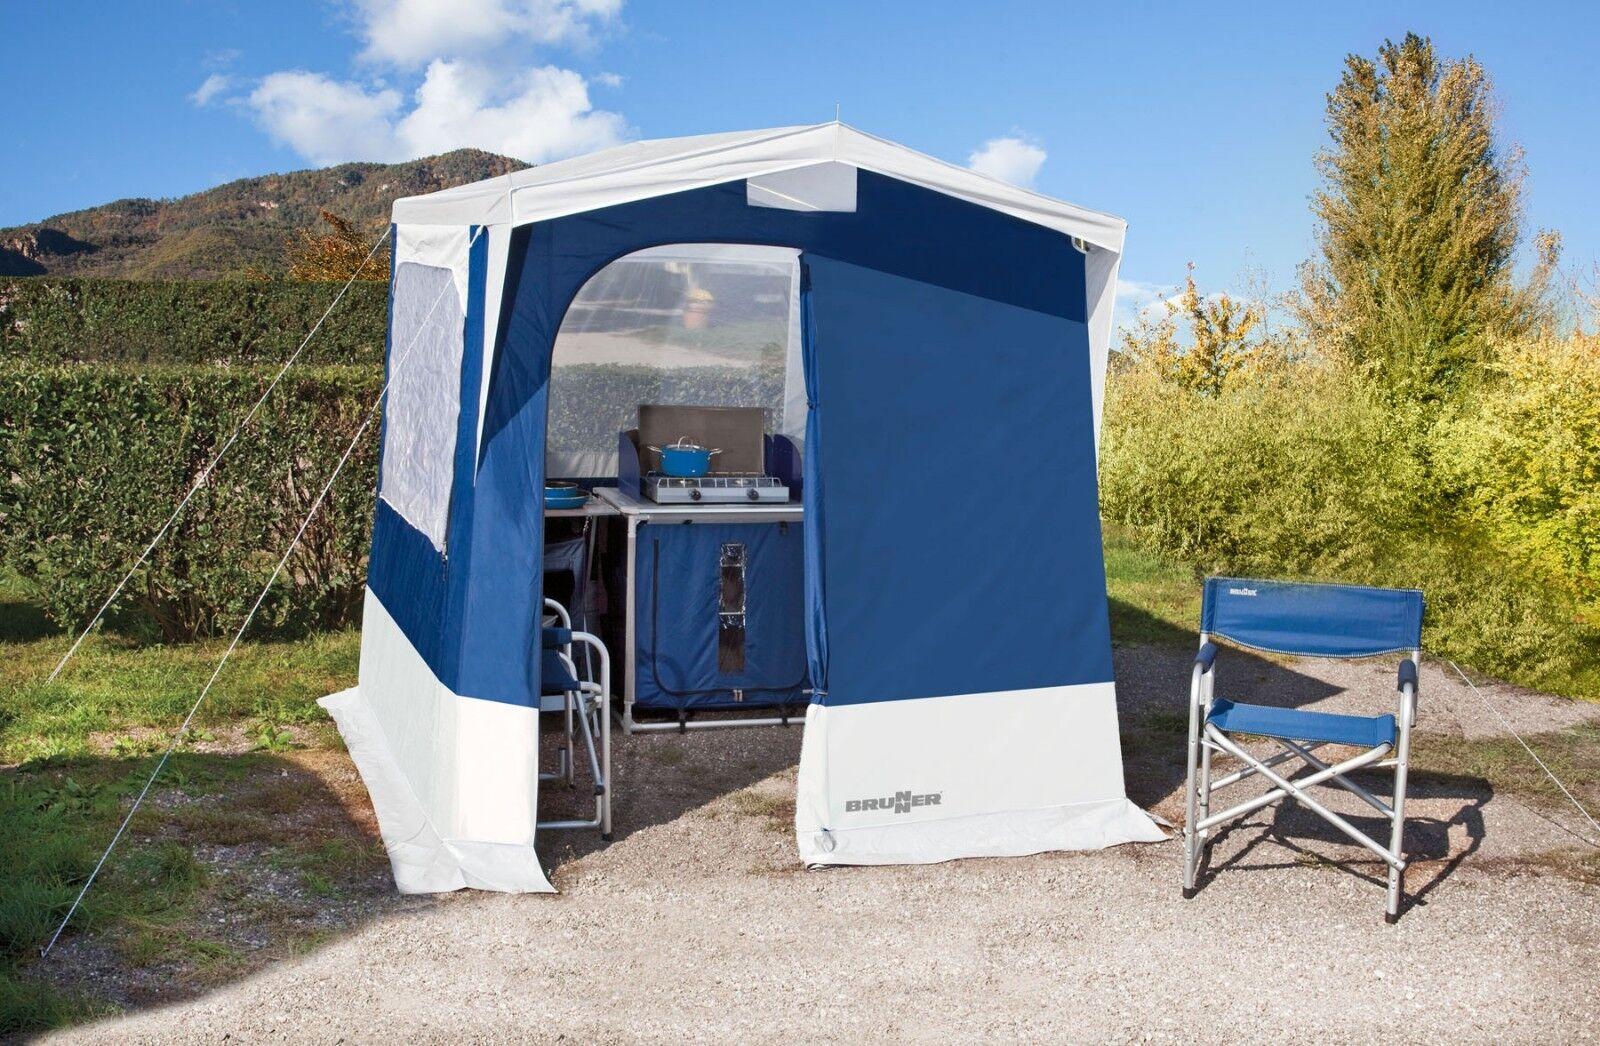 Cucinotto campeggio campeggio campeggio Brunner Vida NG 150x200 NEW 2018 d0a607